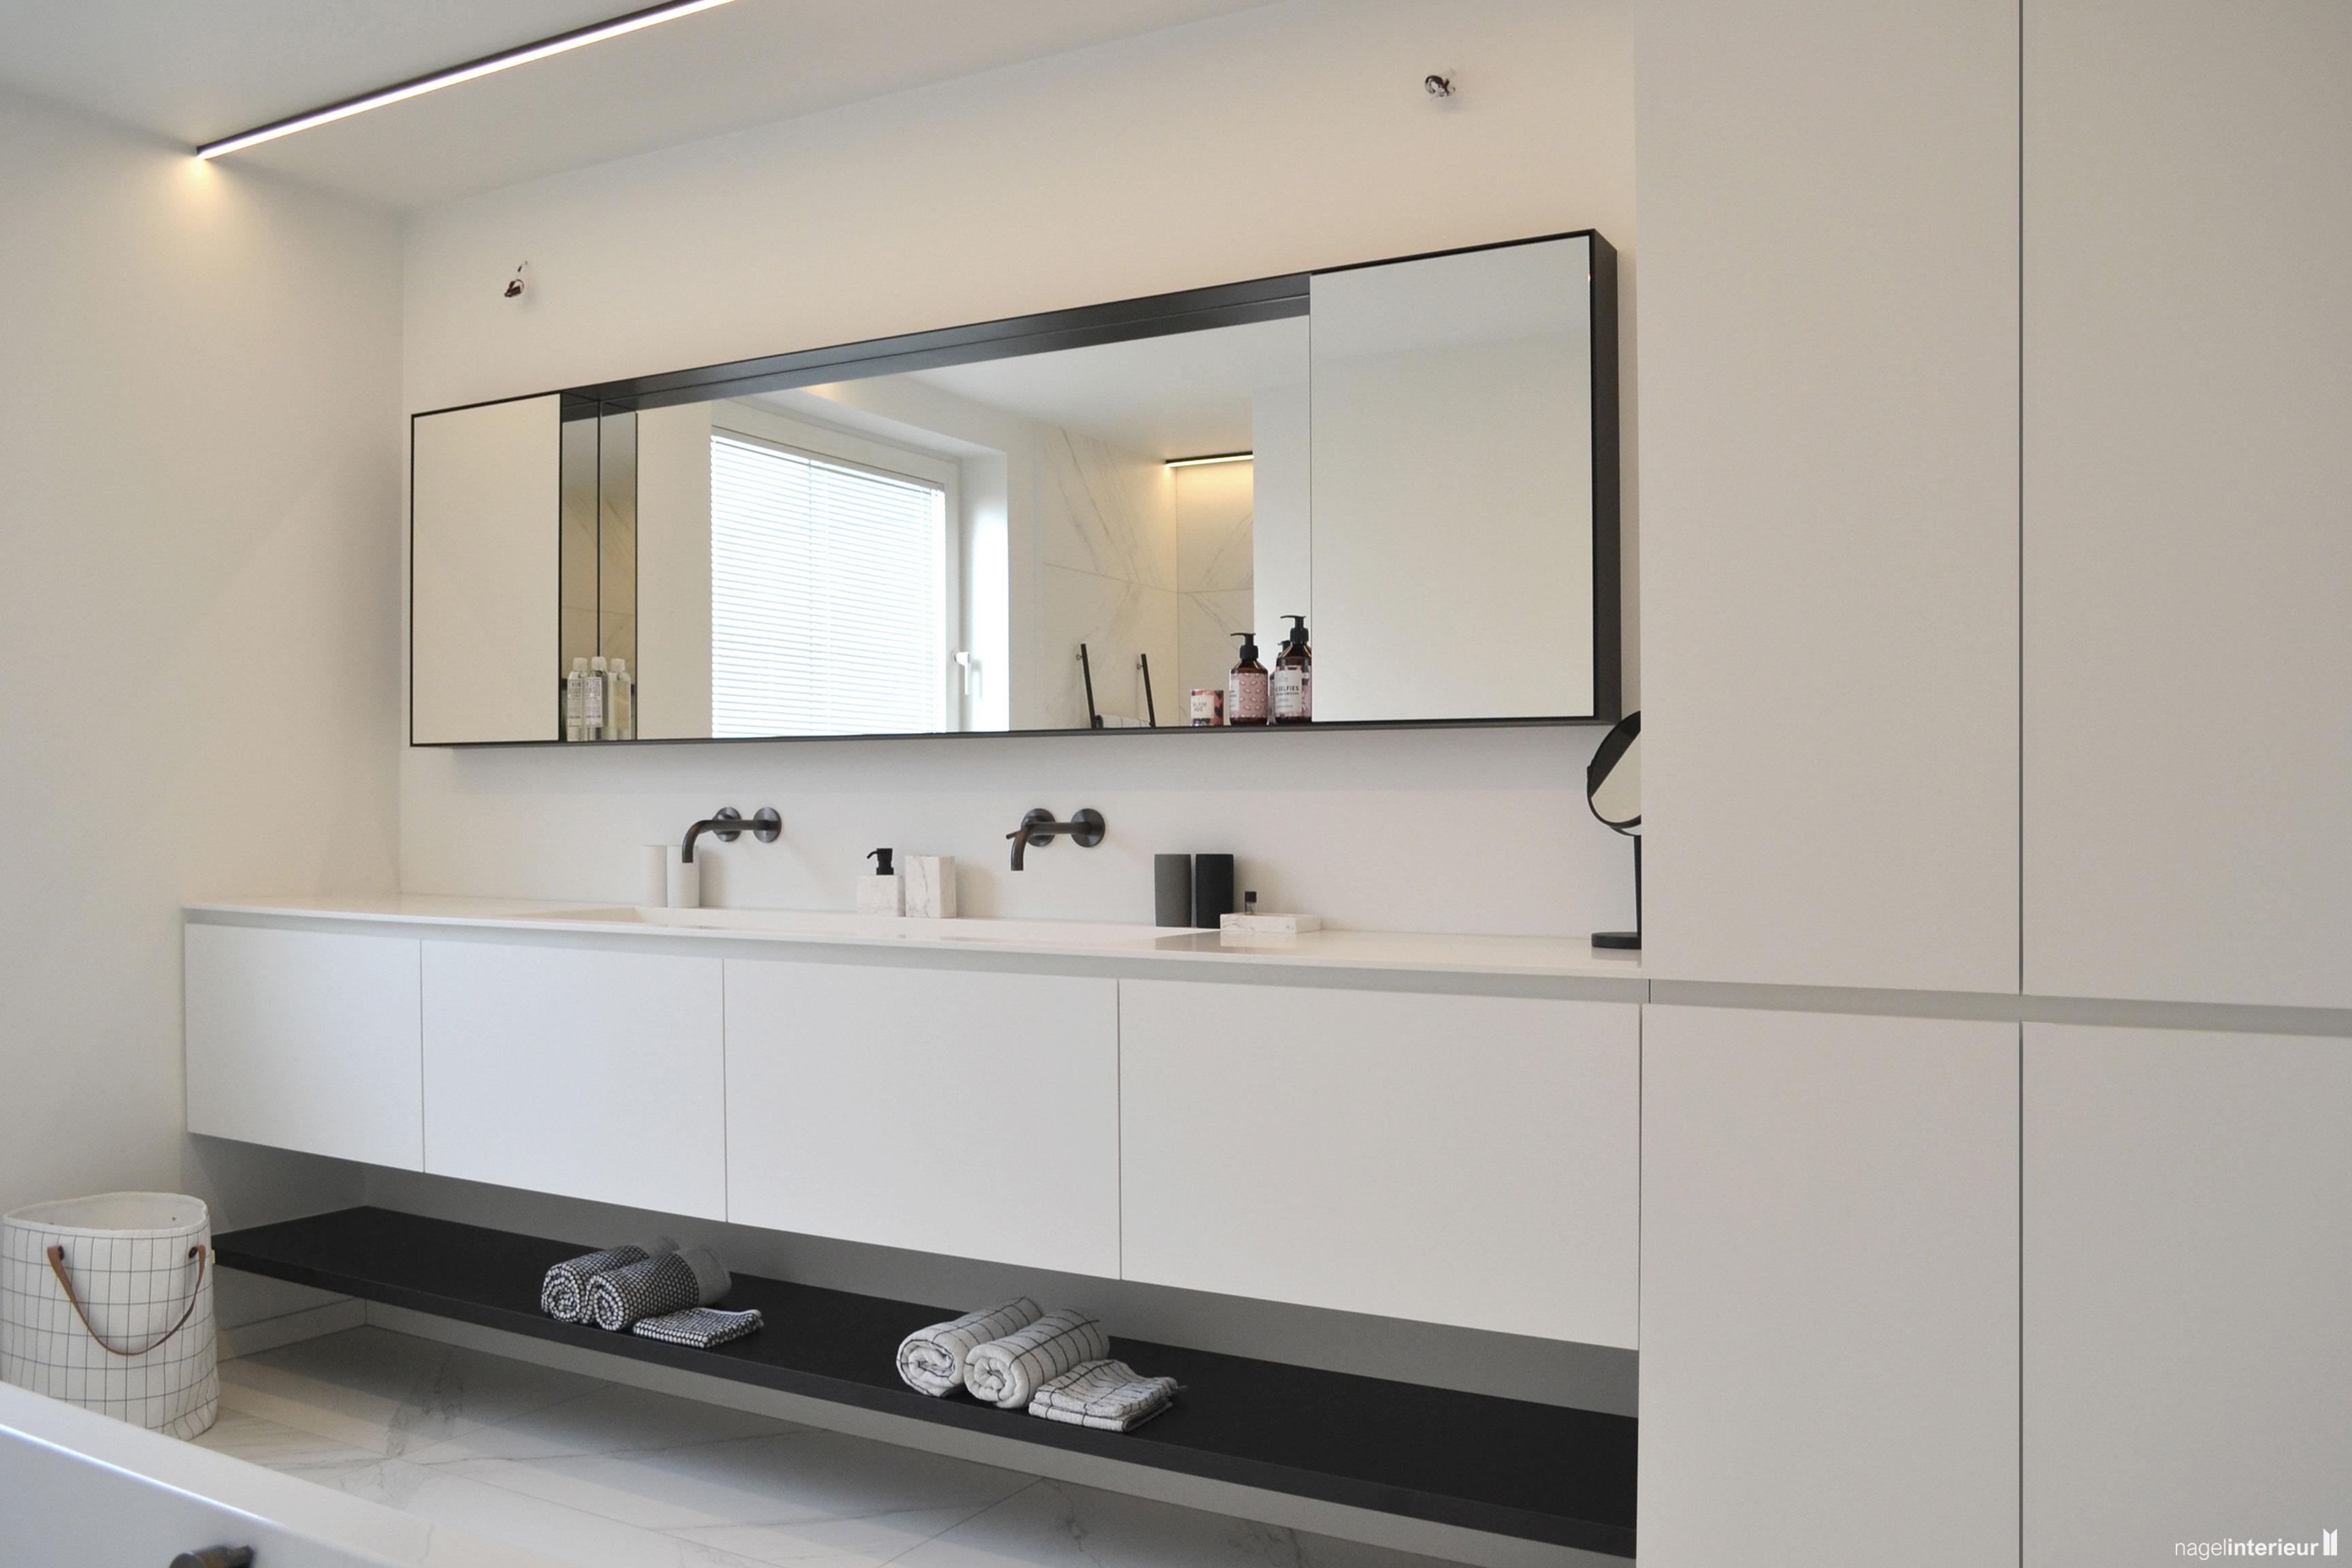 Badkamer meubel in laminaat afgewerkt met een corian spoeltafel